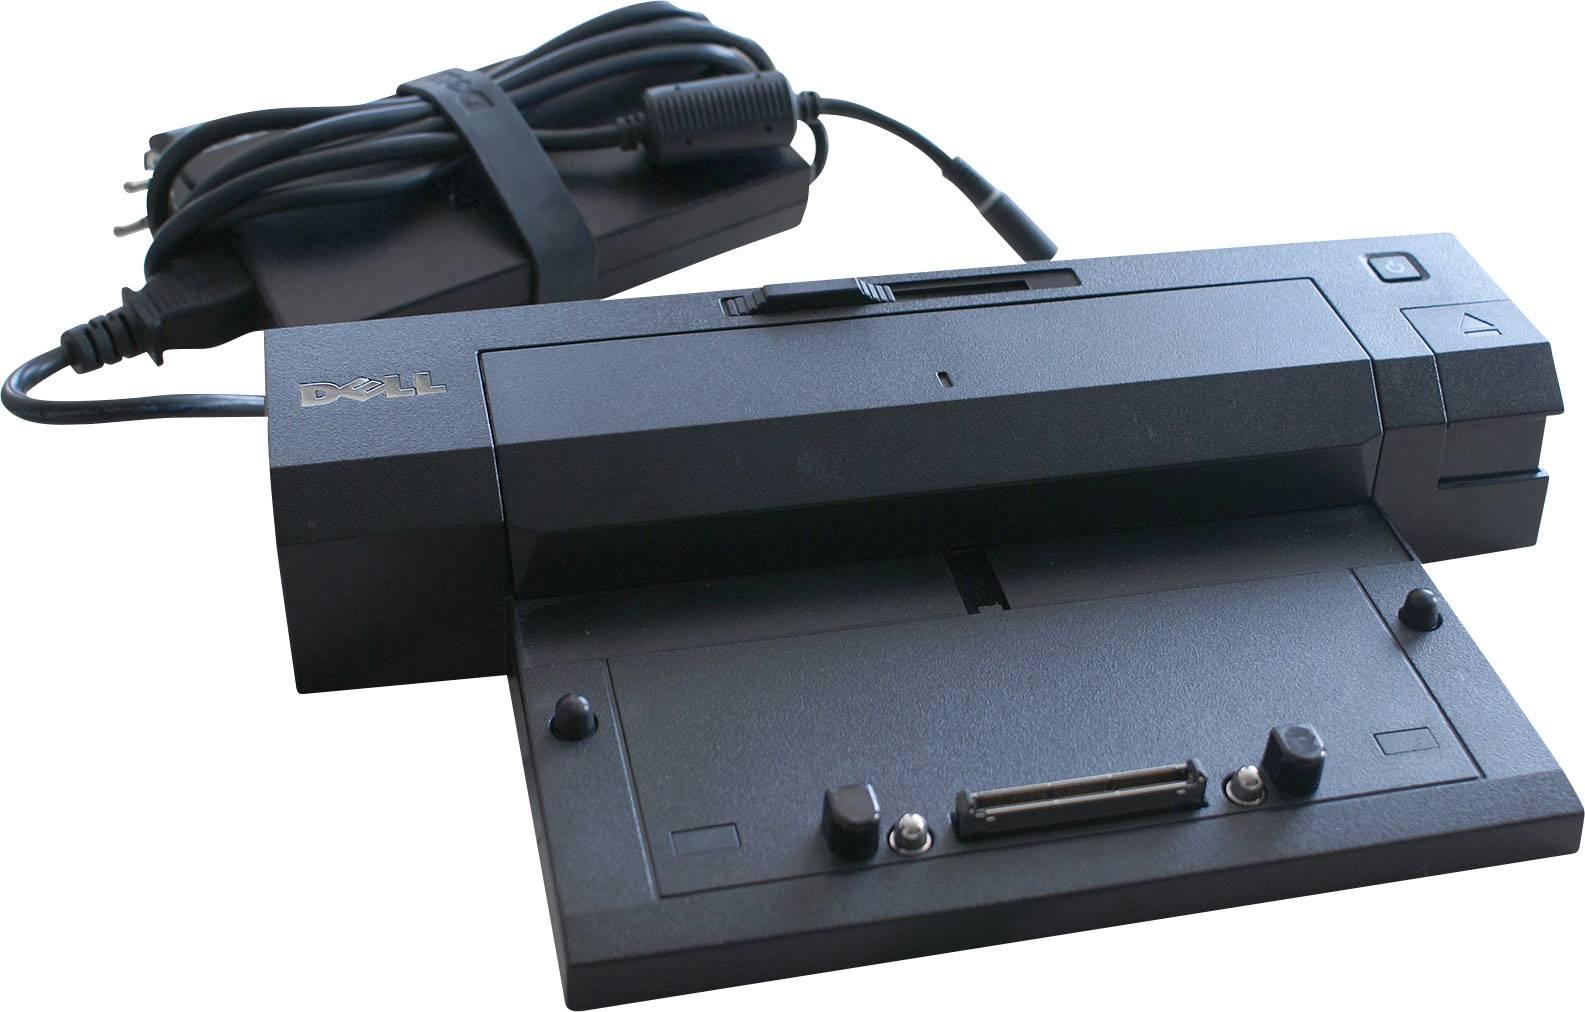 Dokovací stanice pro notebooky, replikátory portů (předváděcí a použité zboží)